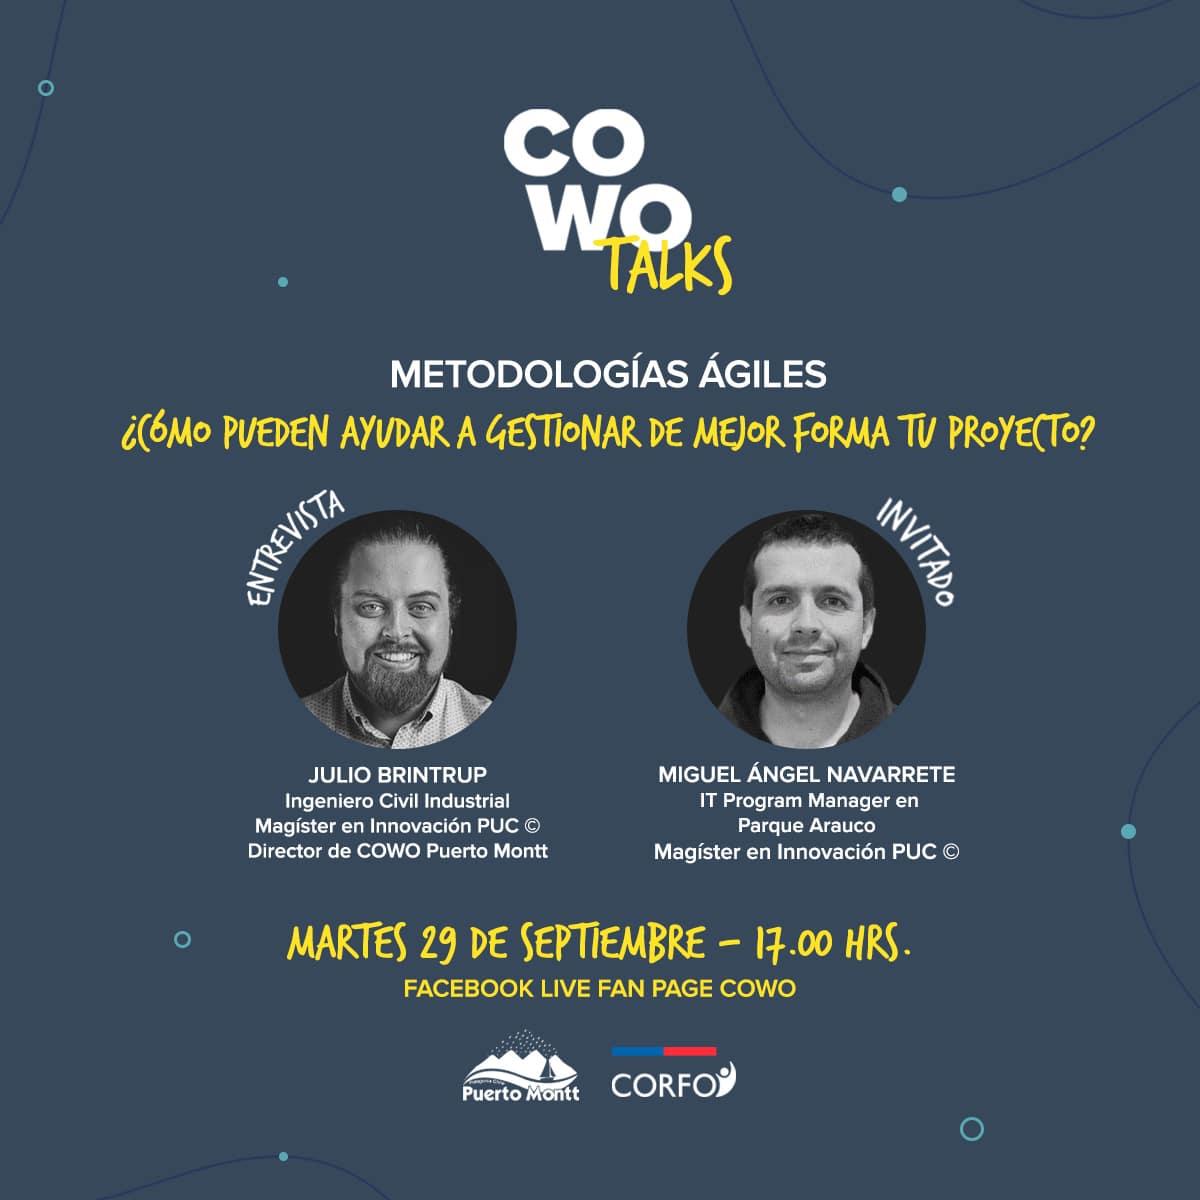 COWO talks: Metodologías ágiles y cómo pueden ayudar a gestionar de mejor forma tu proyecto